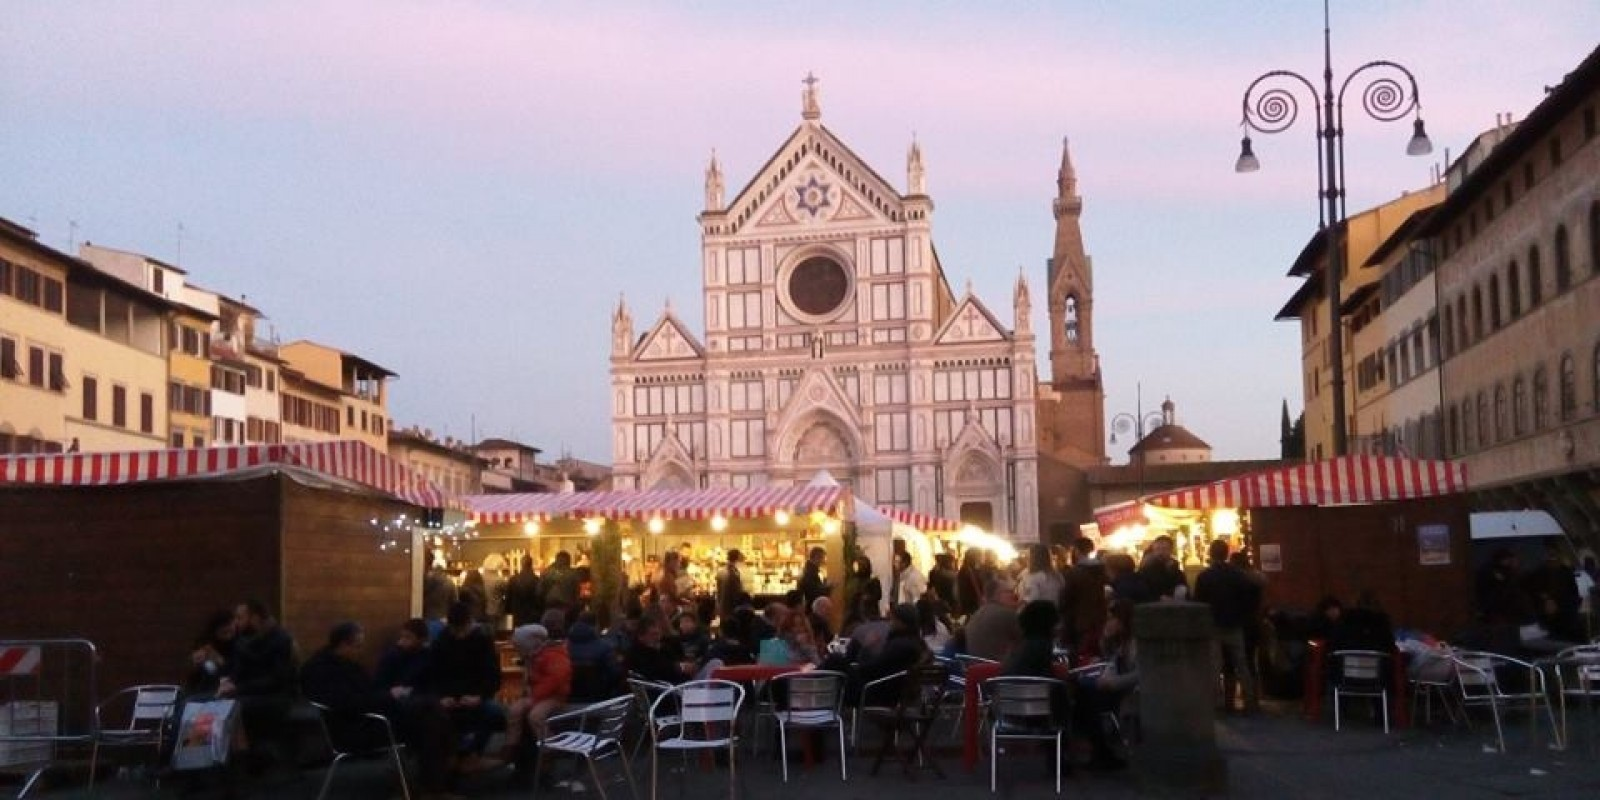 Mercatini Di Natale Firenze.I 10 Mercatini Di Natale Piu Belli D Italia Pescini Com